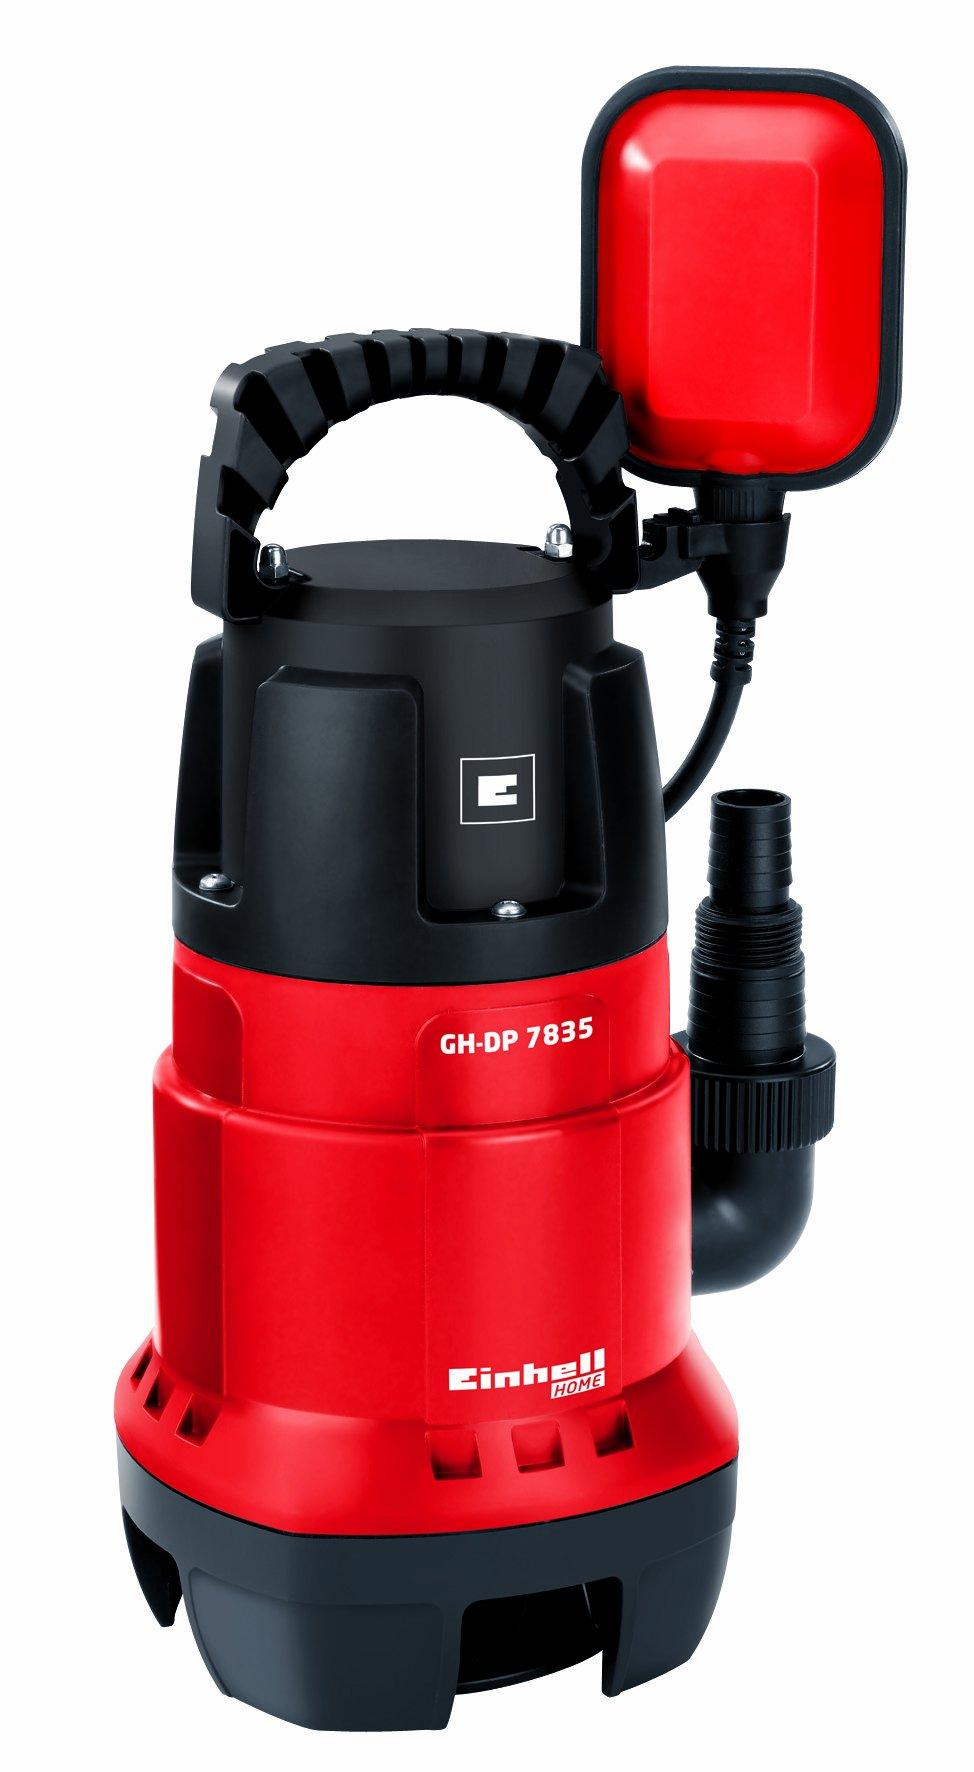 Einhell GH-DP 7835 – Bomba sumergible aguas sucias (780 vatios, máx. 15,700 l / h, cabeza máxima de 8 m, cuerpos extraños hasta 35 mm, interruptor de flotador continuo) (ref. 4170682) [Clase de eficiencia energética A]